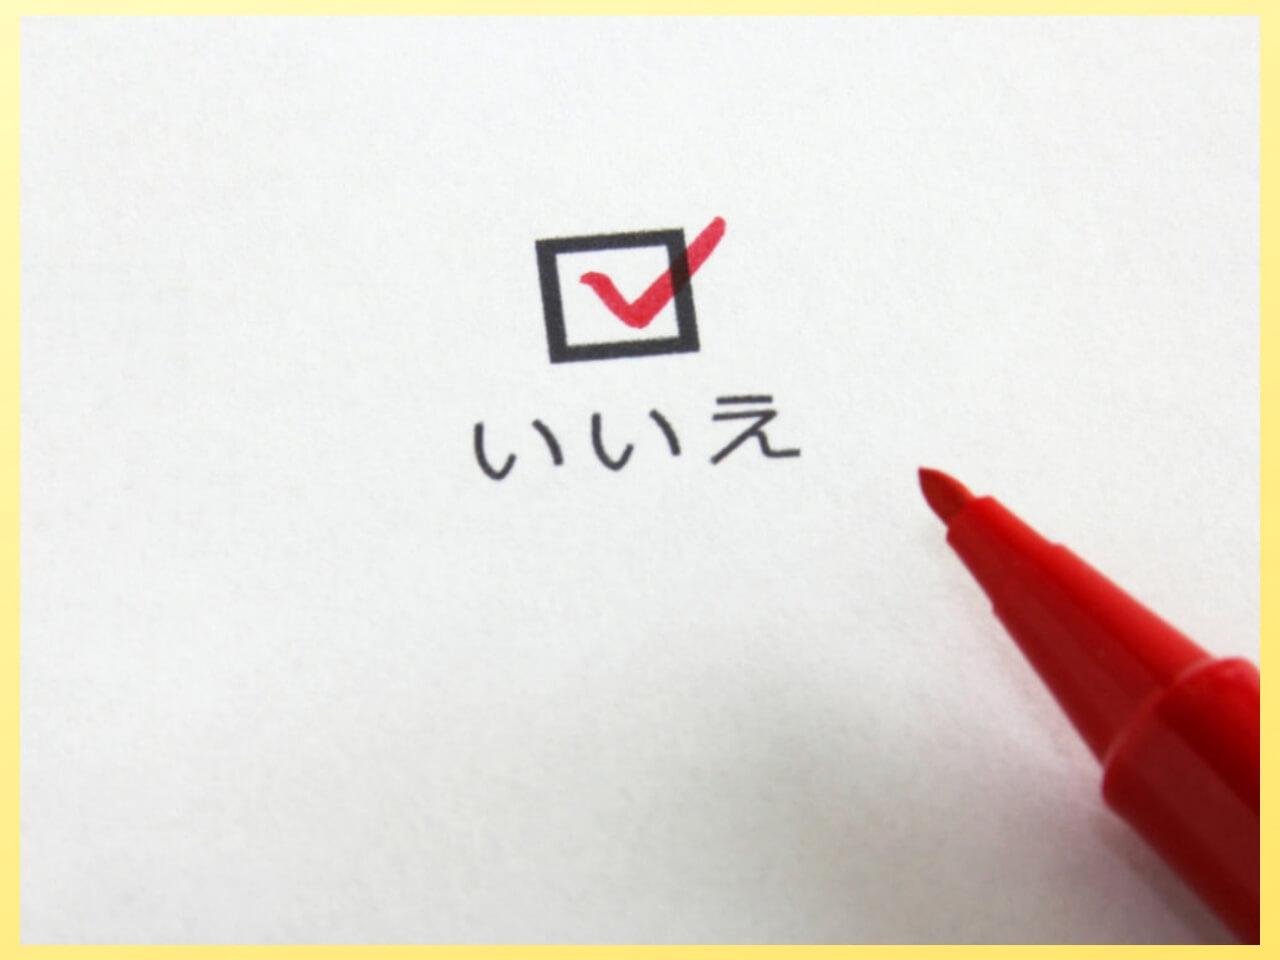 いいえに赤ペンでチェックを書く